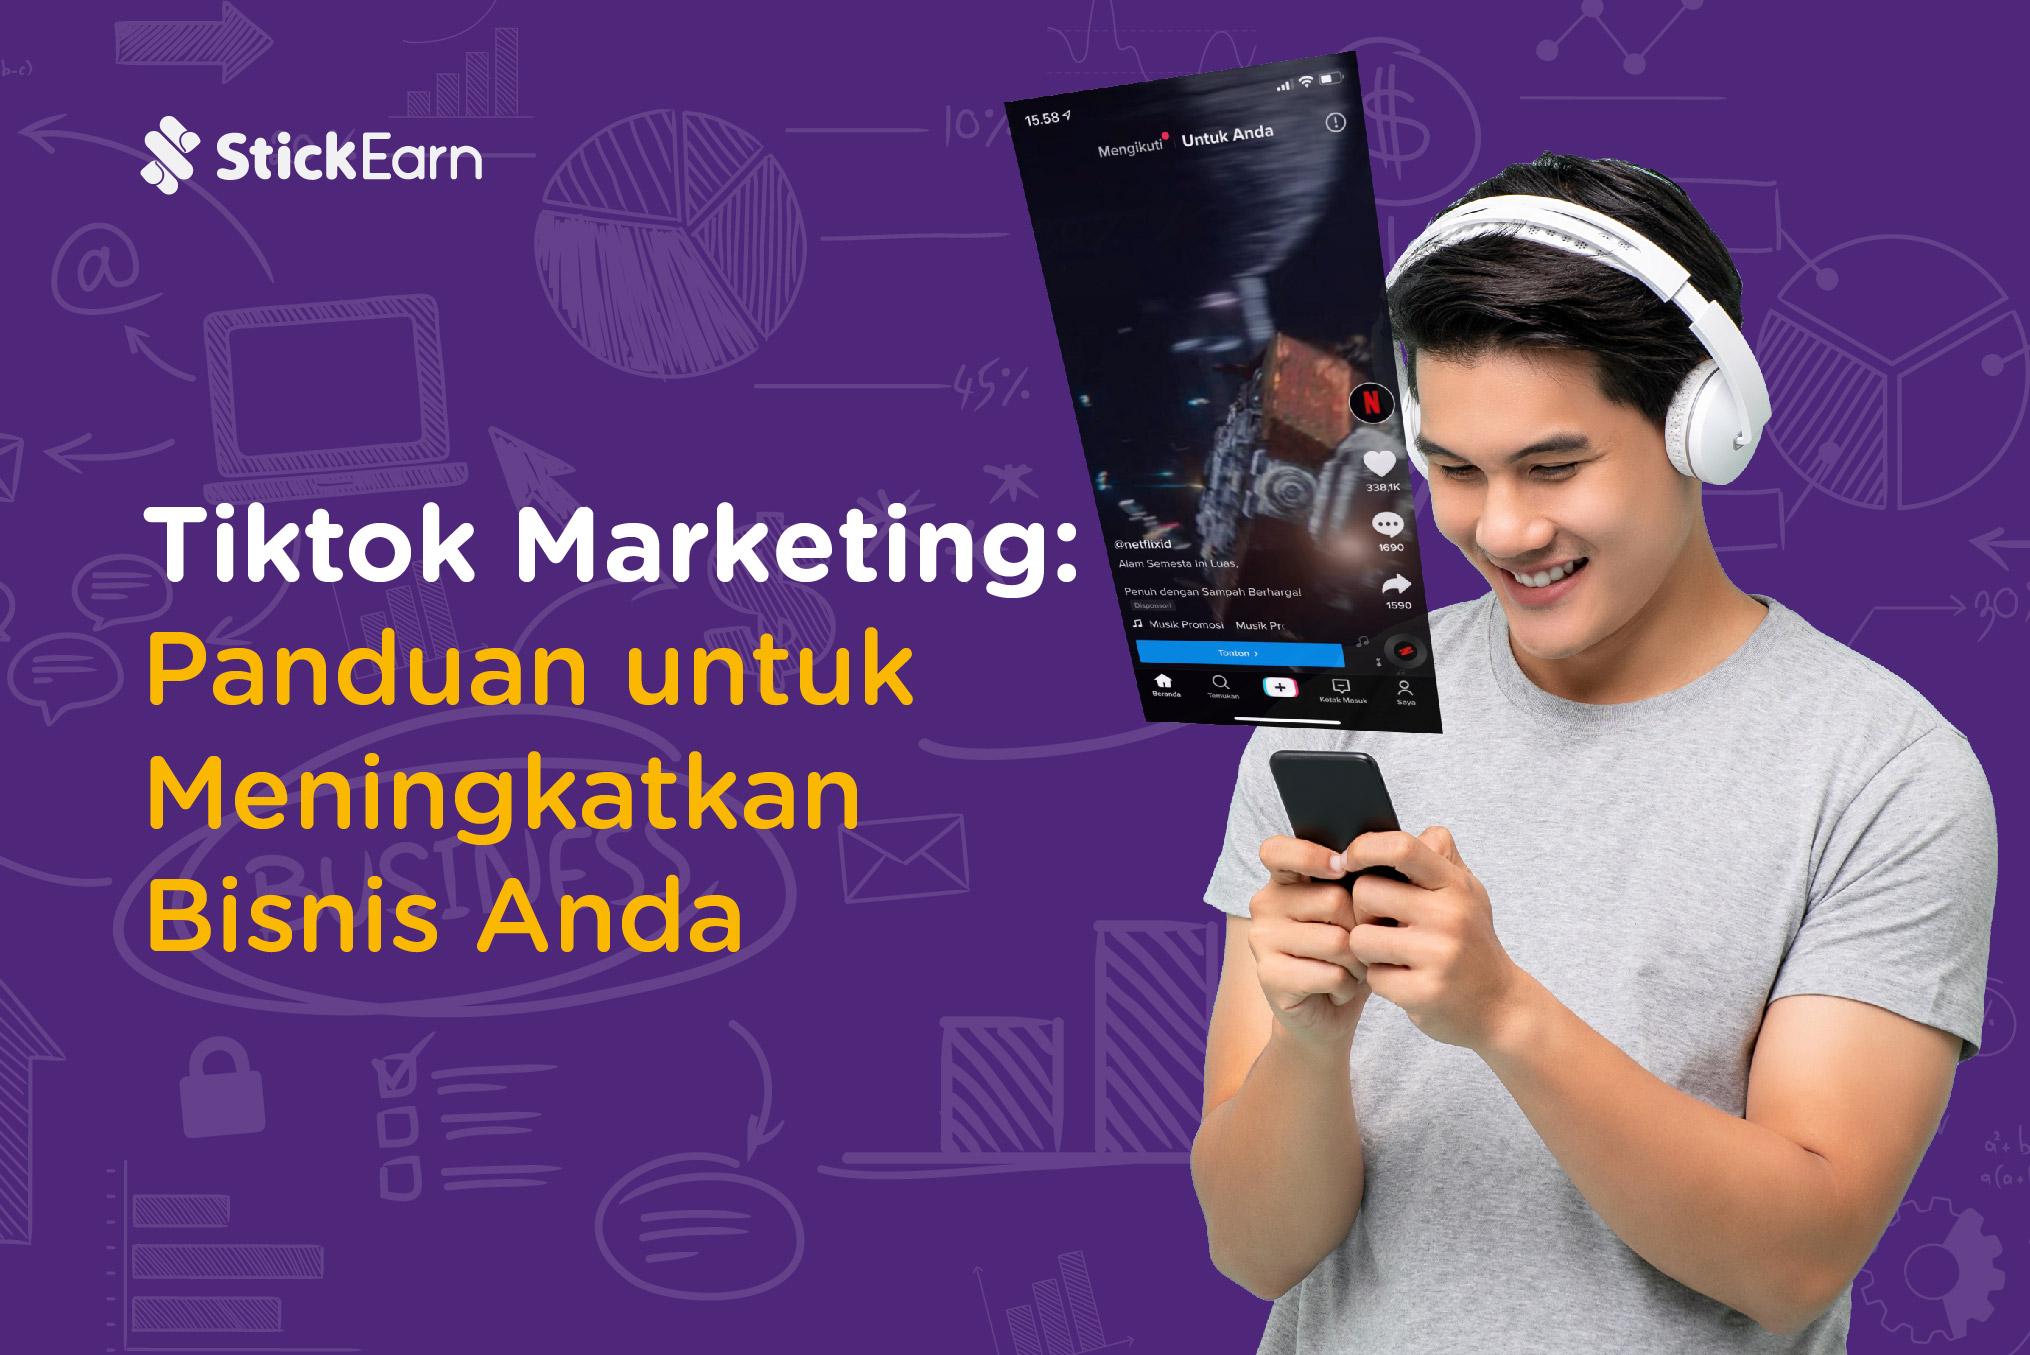 Panduan tiktok marketing dari Stickearn untuk bisnis anda